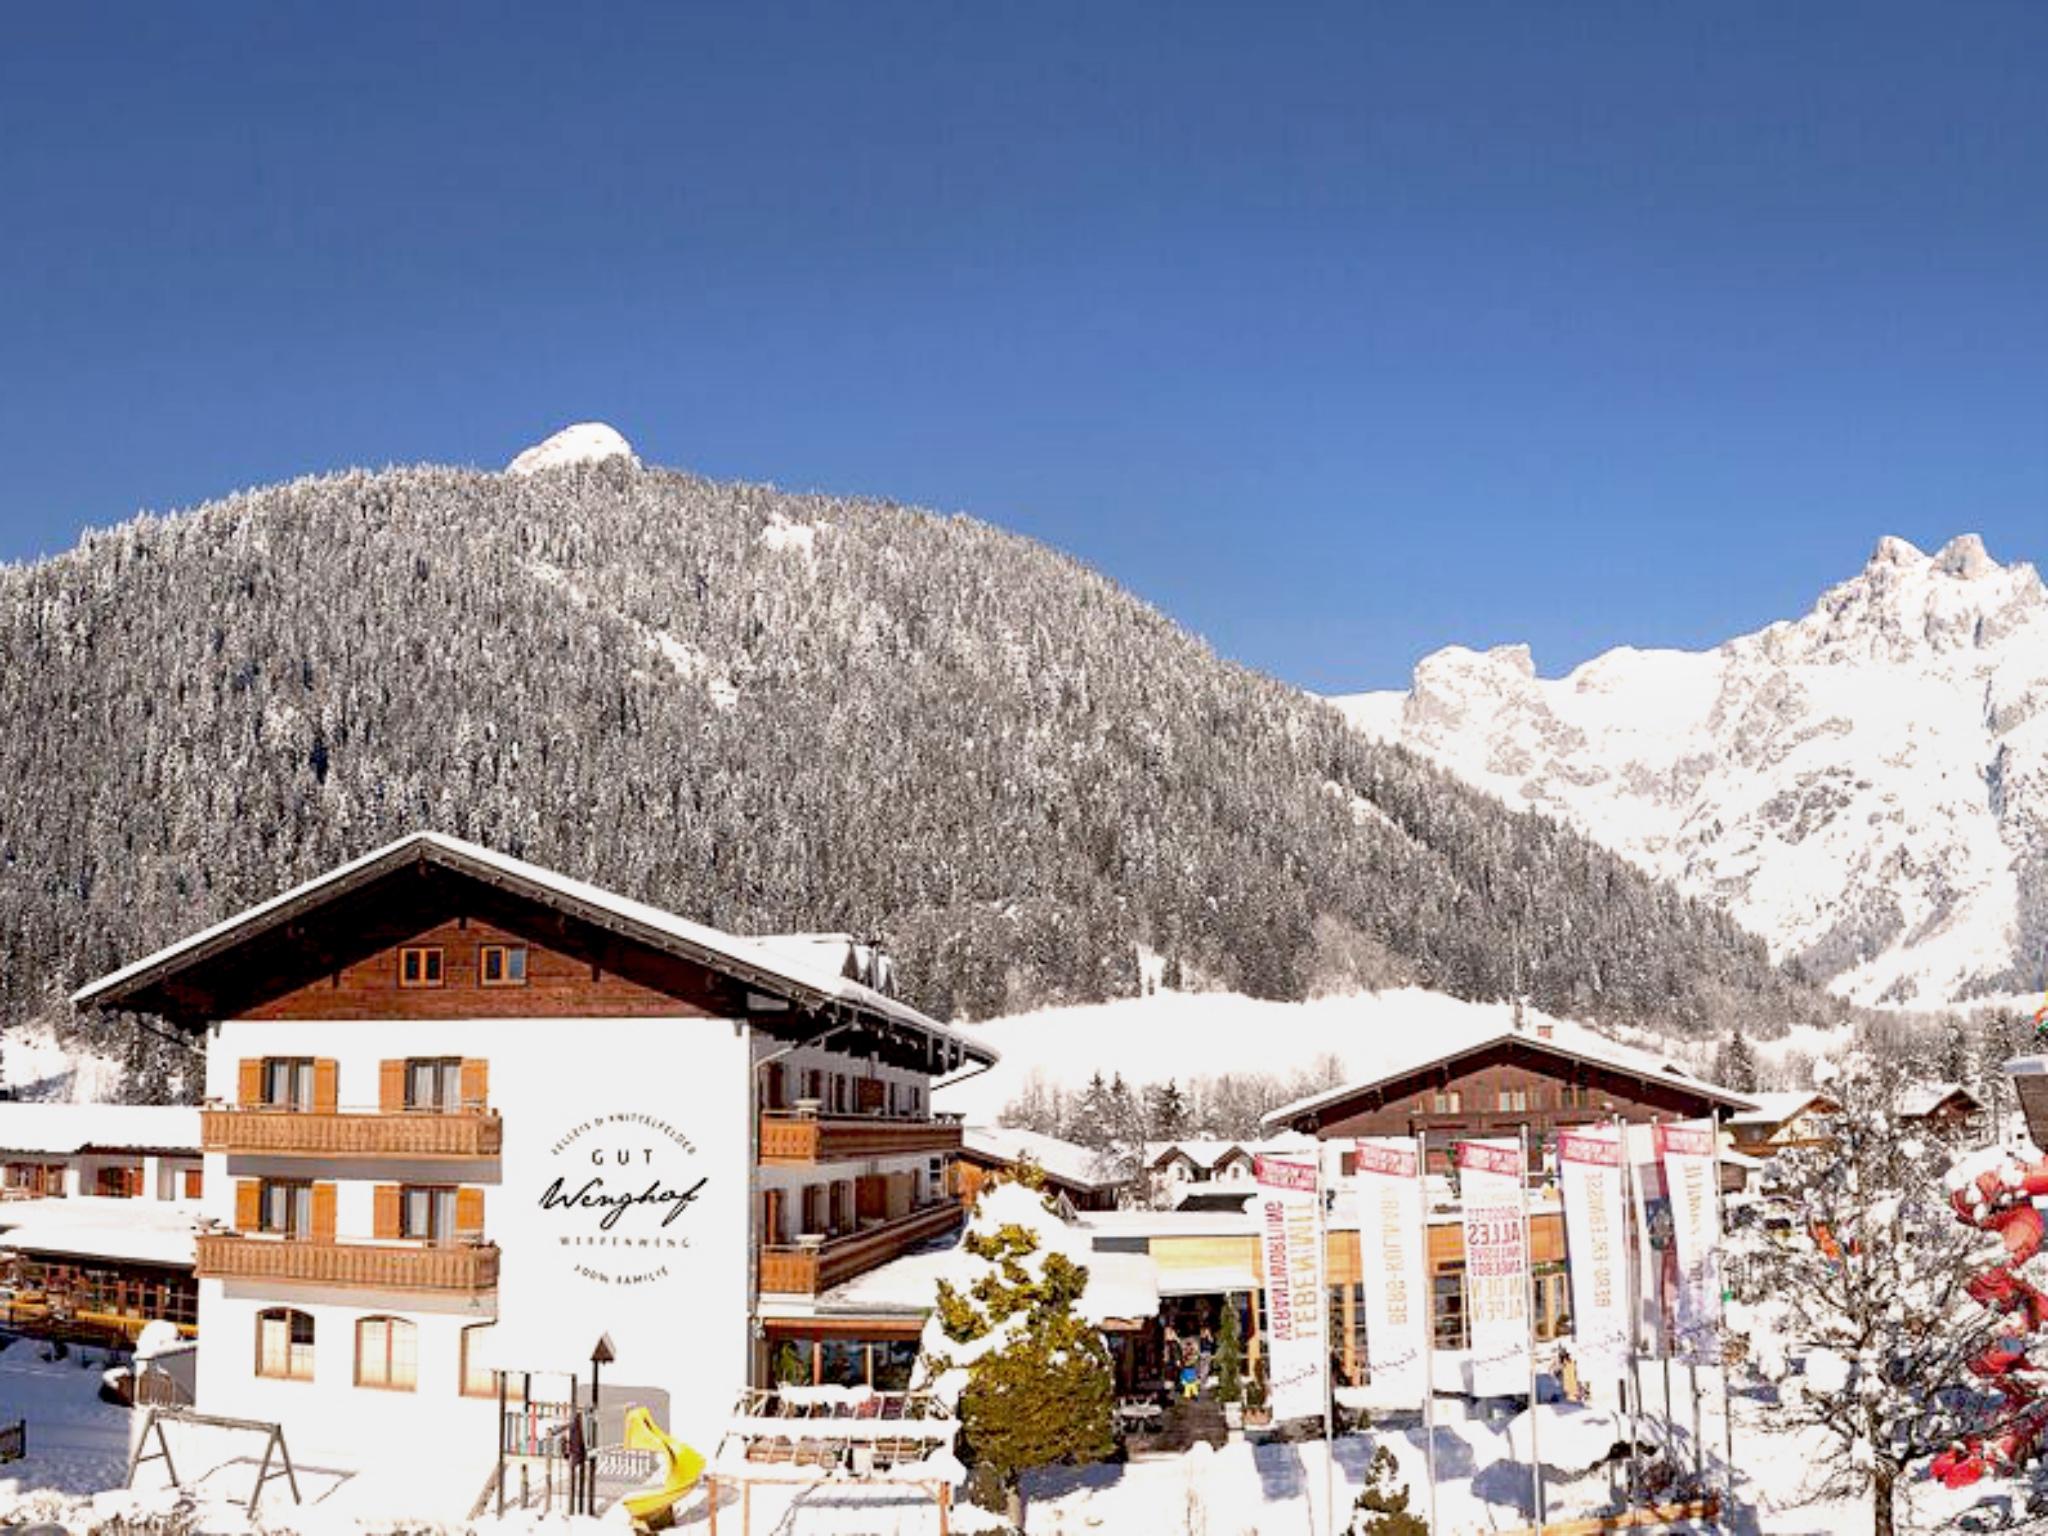 Das Gut Wenghof mit dem größten ALLES INKLUSIVE Angebot in den Alpen.